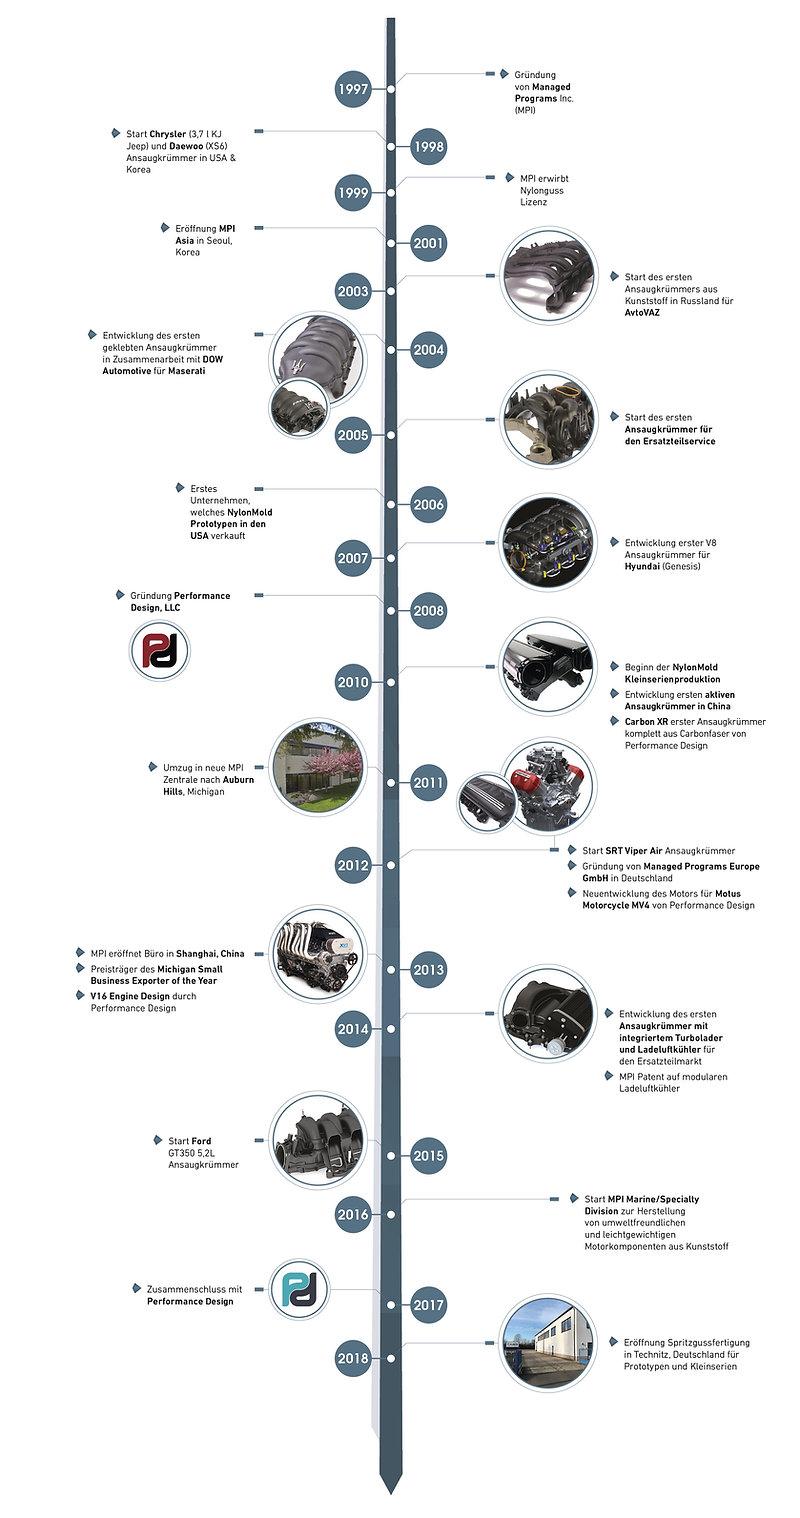 timeline_DE.jpg